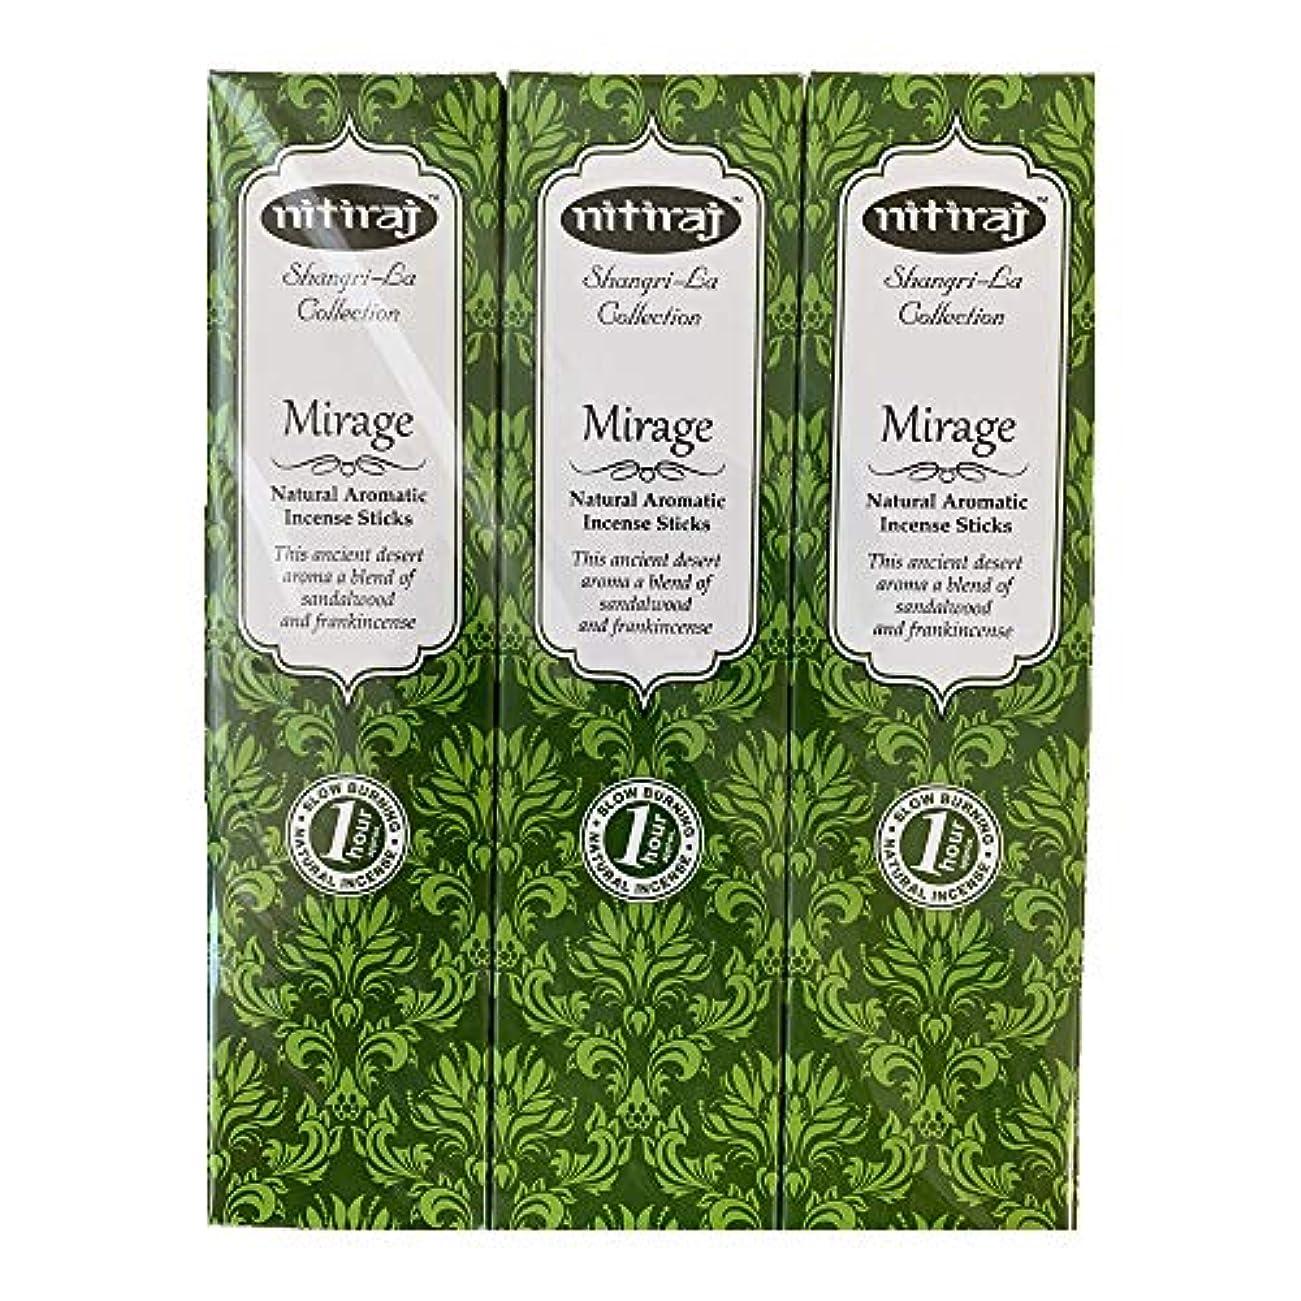 法医学クリップ蝶ワームお香 アロマインセンス Nitiraj(ニティラジ)Mirage(蜃気楼) 3箱セット(30本/1箱10本入り)100%天然素材